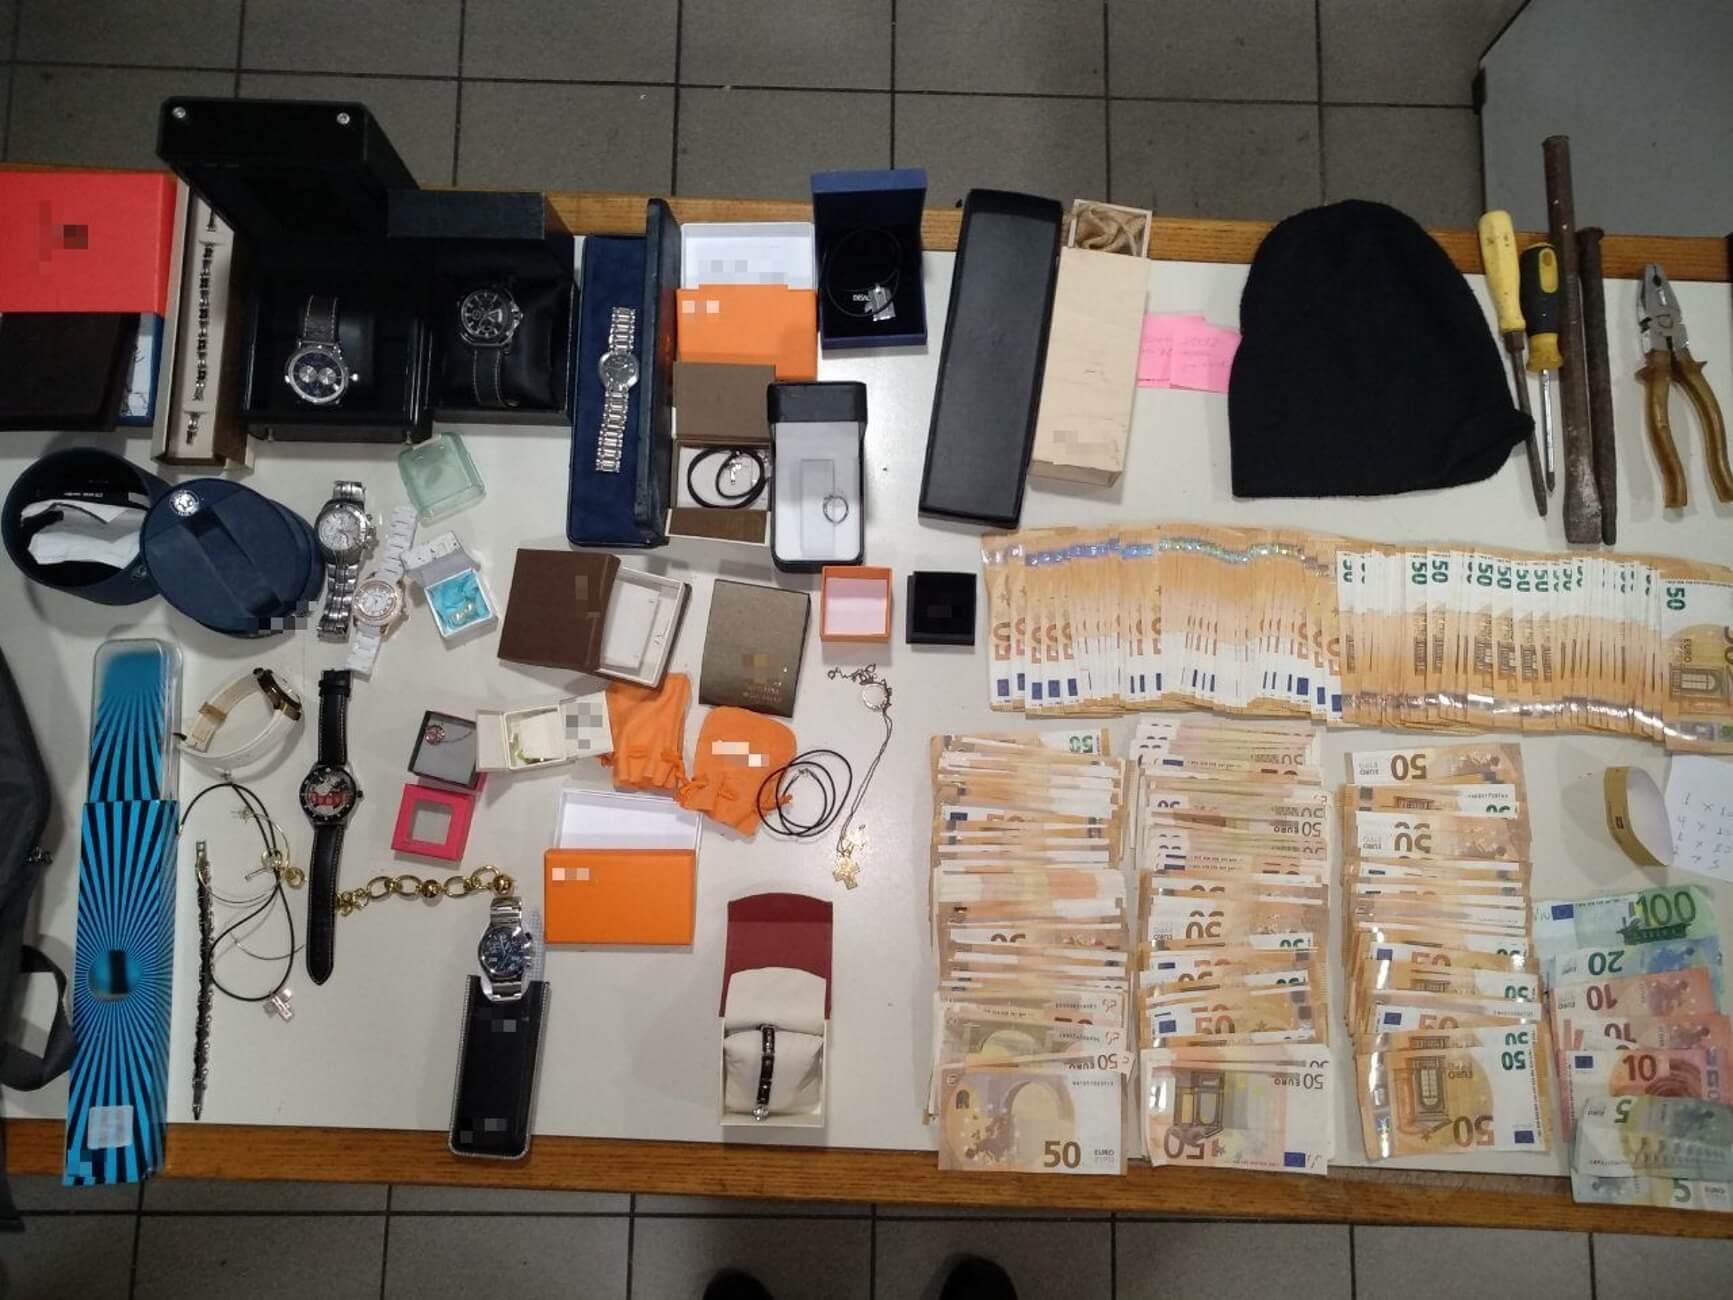 Μυτιλήνη: Μπήκε σπίτι και διαπίστωσε πως έλειπαν όλα όσα βλέπετε – Σοκ για 29χρονη κοπέλα [pics]